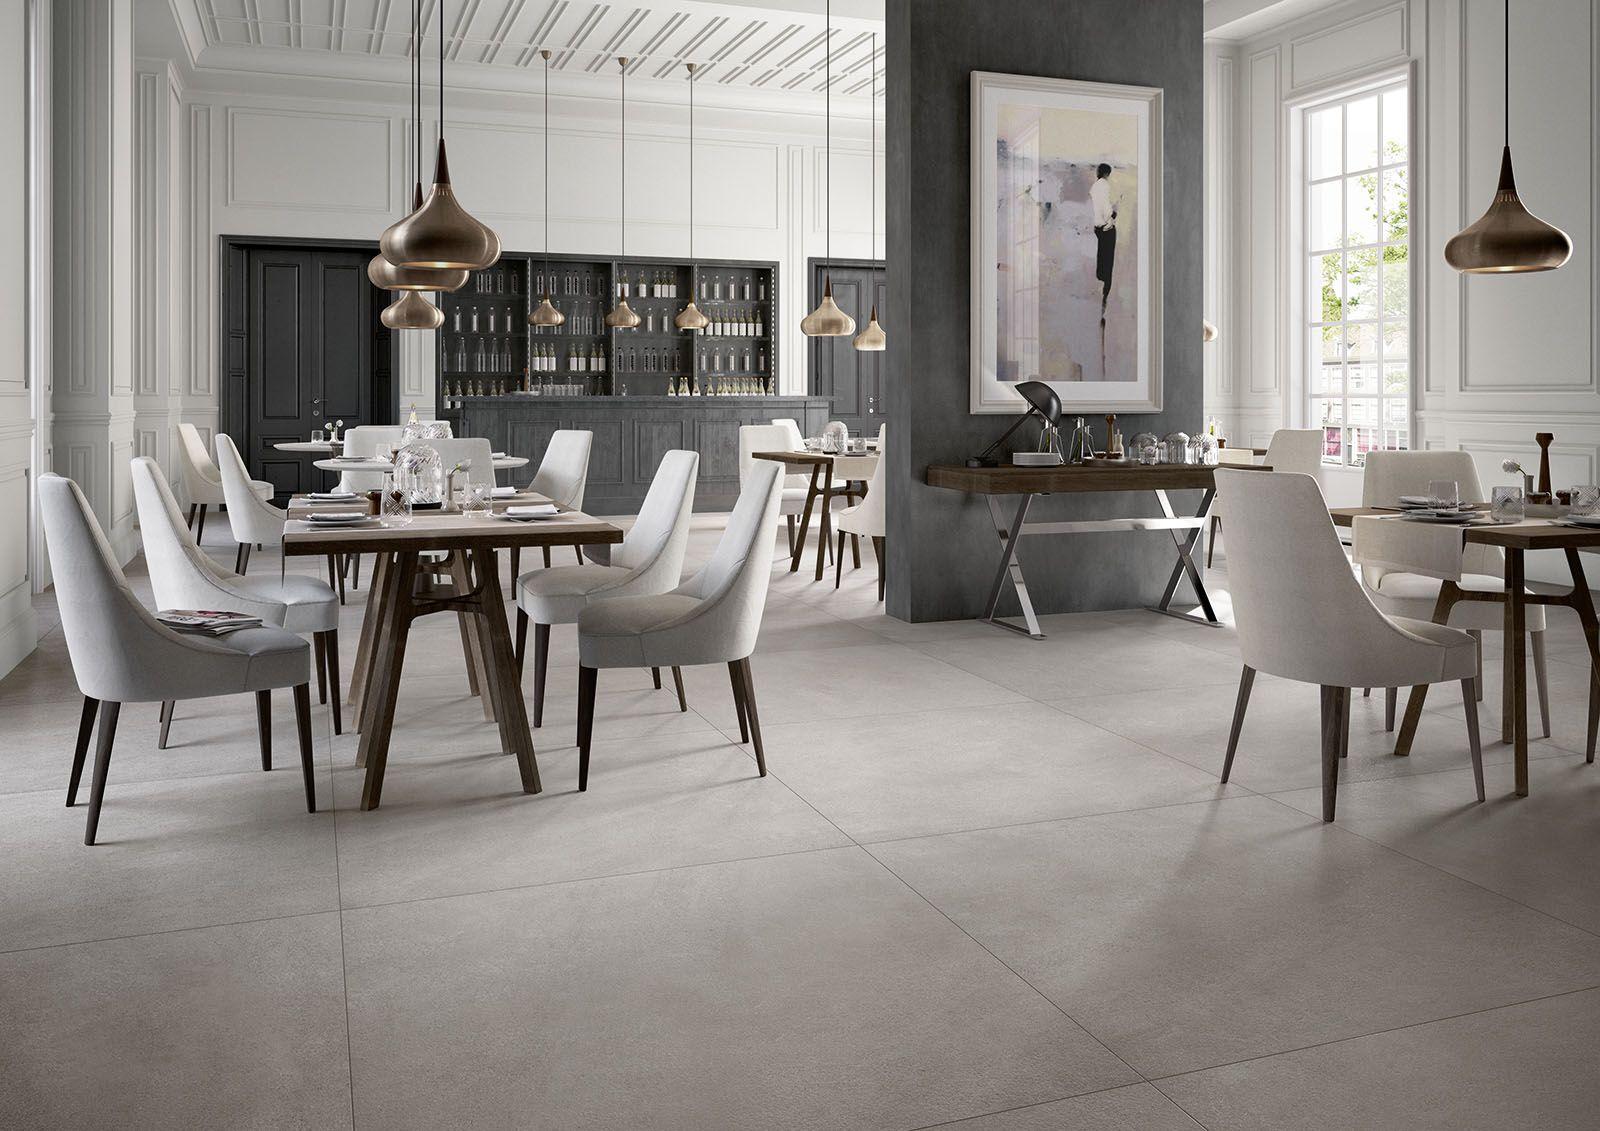 Xlstone Ceramic Stone Ceramic Tiles Flooring Covering